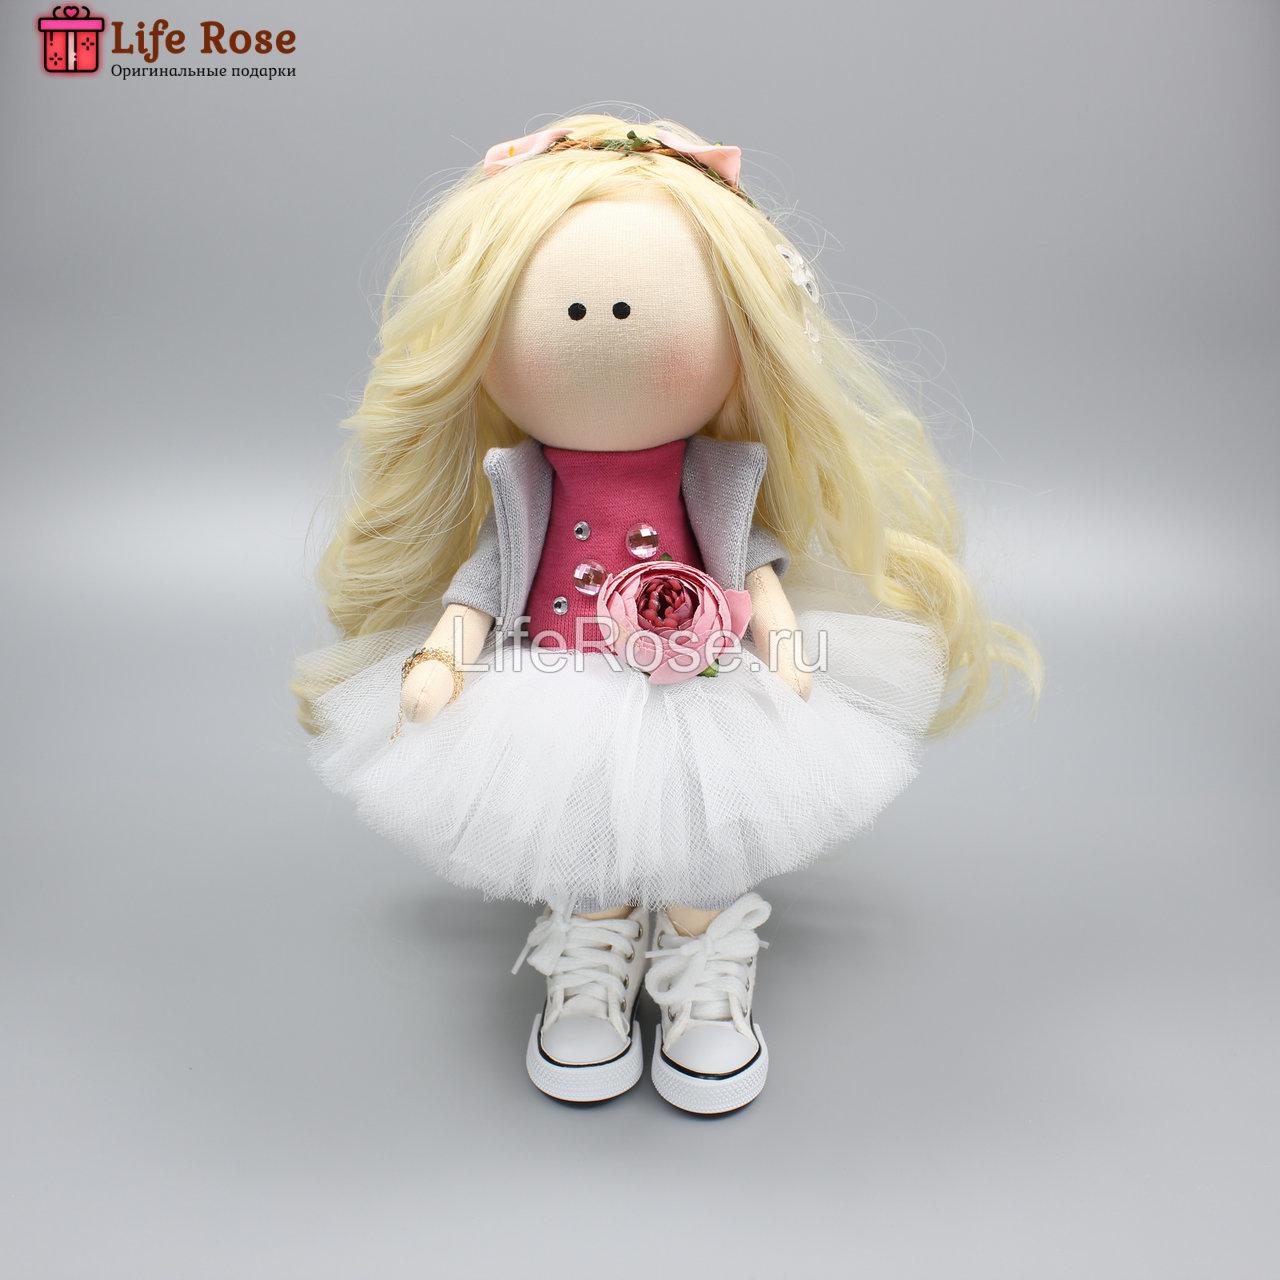 Кукла ручной работы Элина - НА ЗАКАЗ